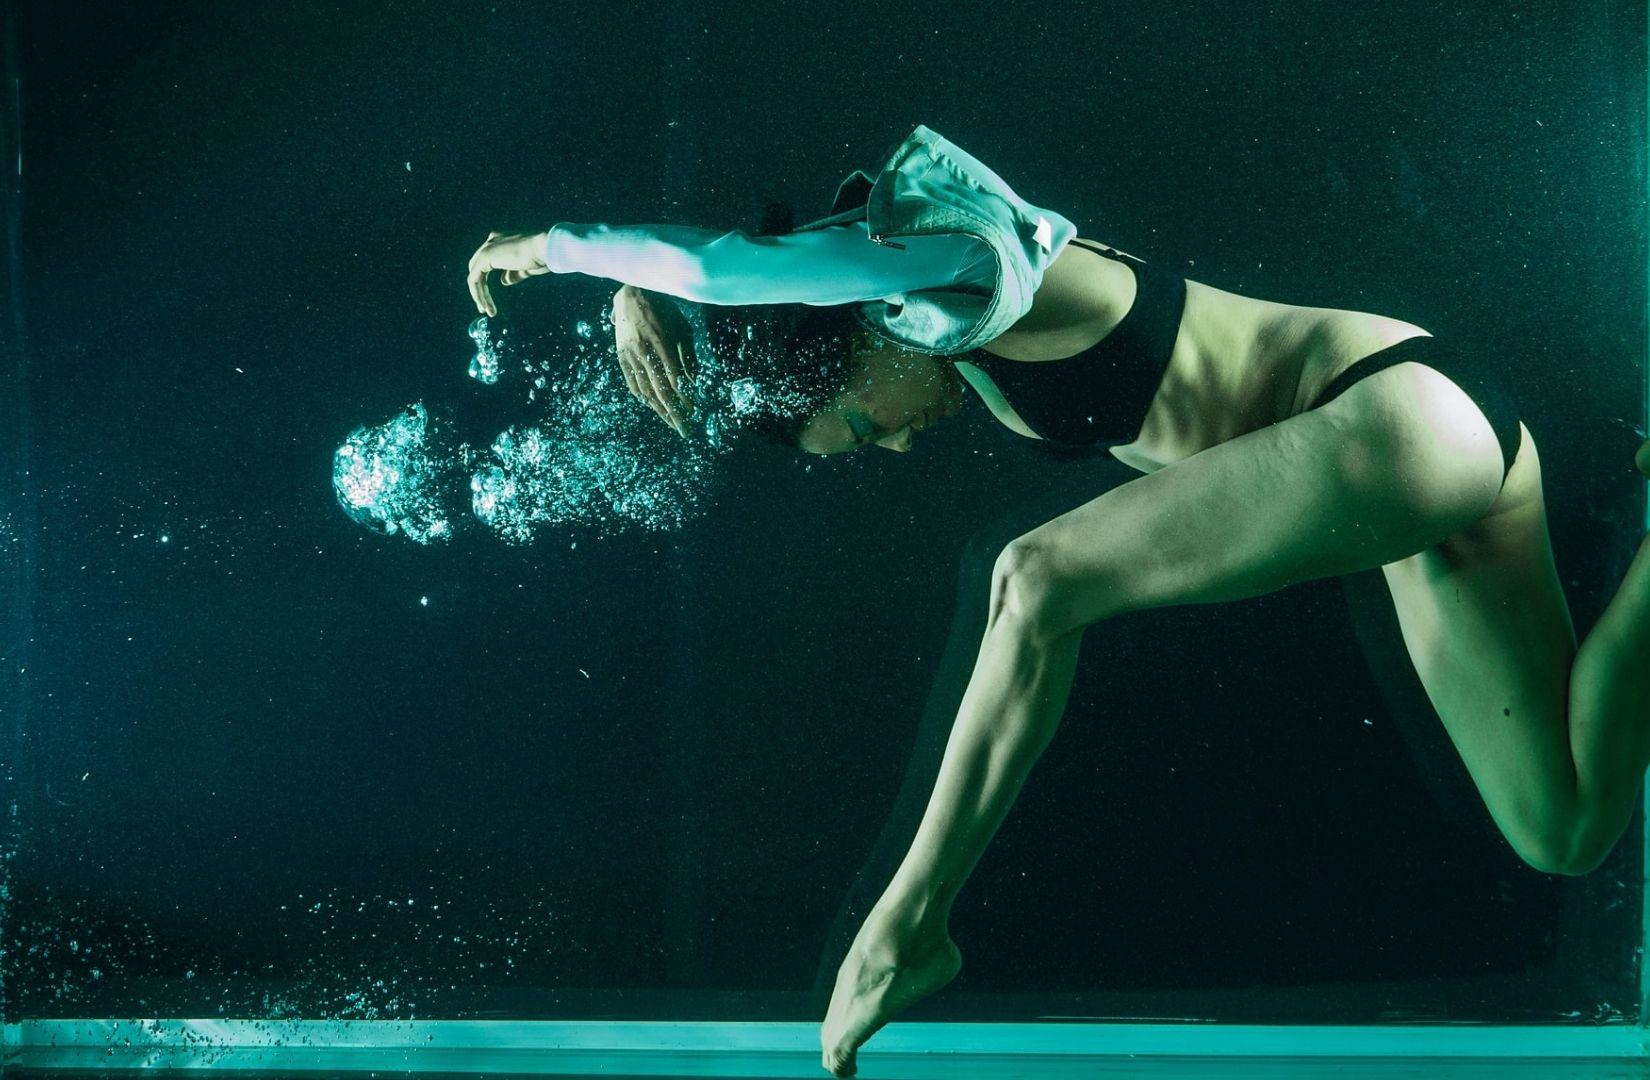 Das Fluten des Realen ausgedrückt durch eine Modenschau unter Wasser. (Foto: Engin Akyurt, Unsplash.com)